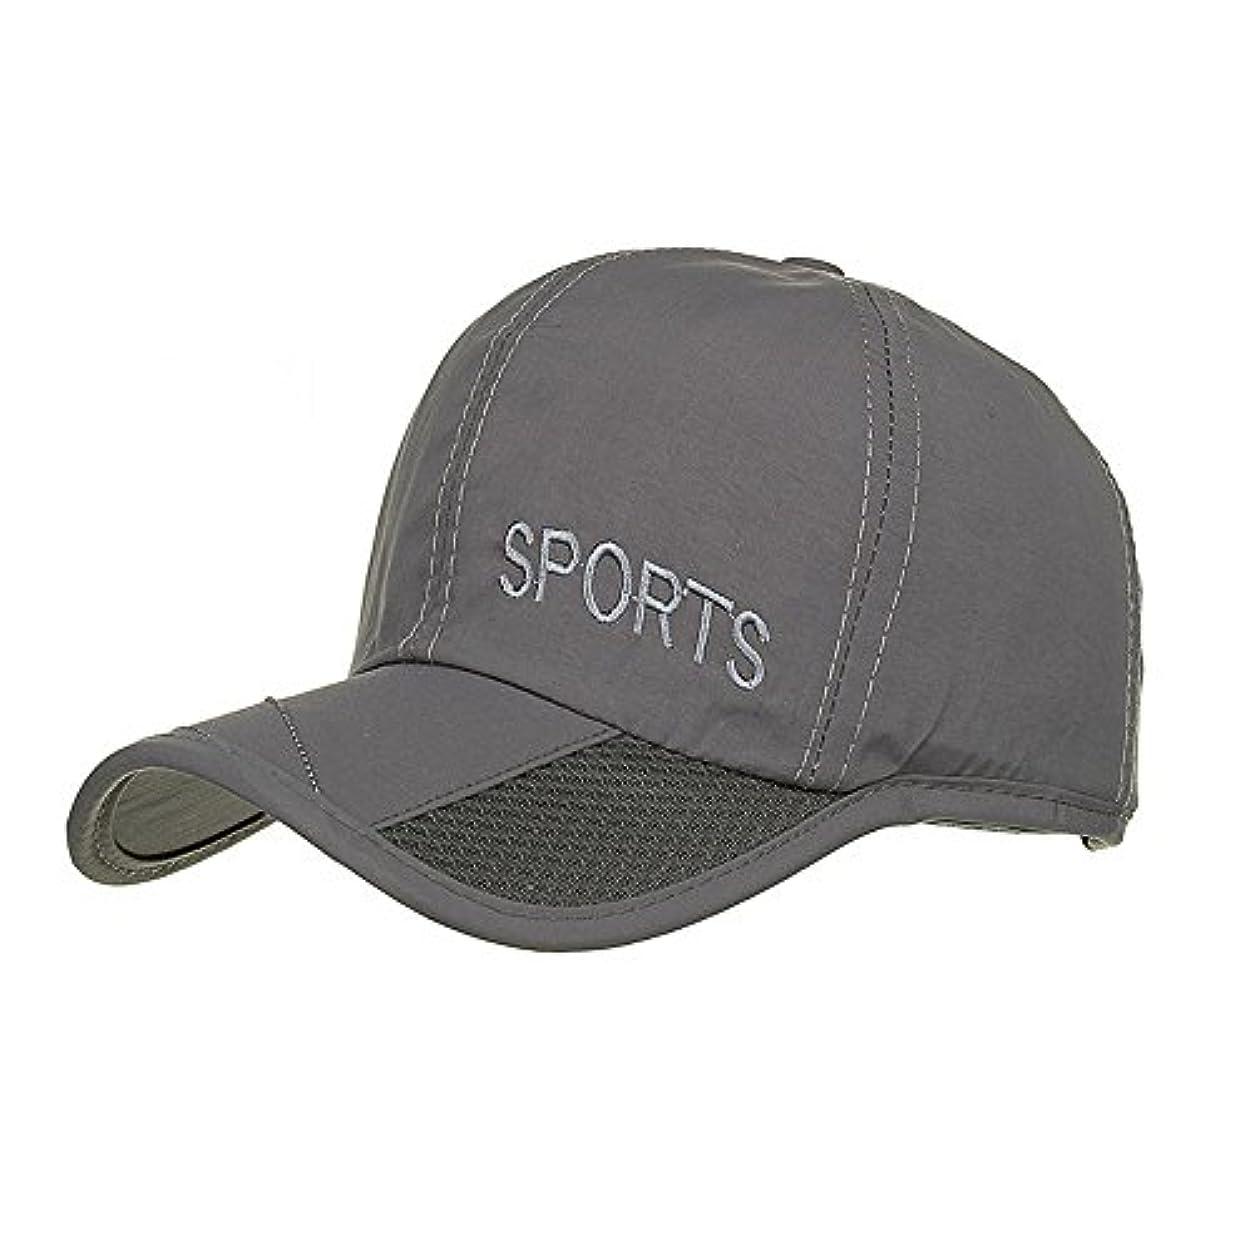 母音補体軽Racazing Cap 男女兼用 野球帽 夏 登山 通気性のある メッシュ 帽子 ベルクロ 可調整可能 刺繍 棒球帽 UV 帽子 軽量 屋外 Unisex Hat (グレー)